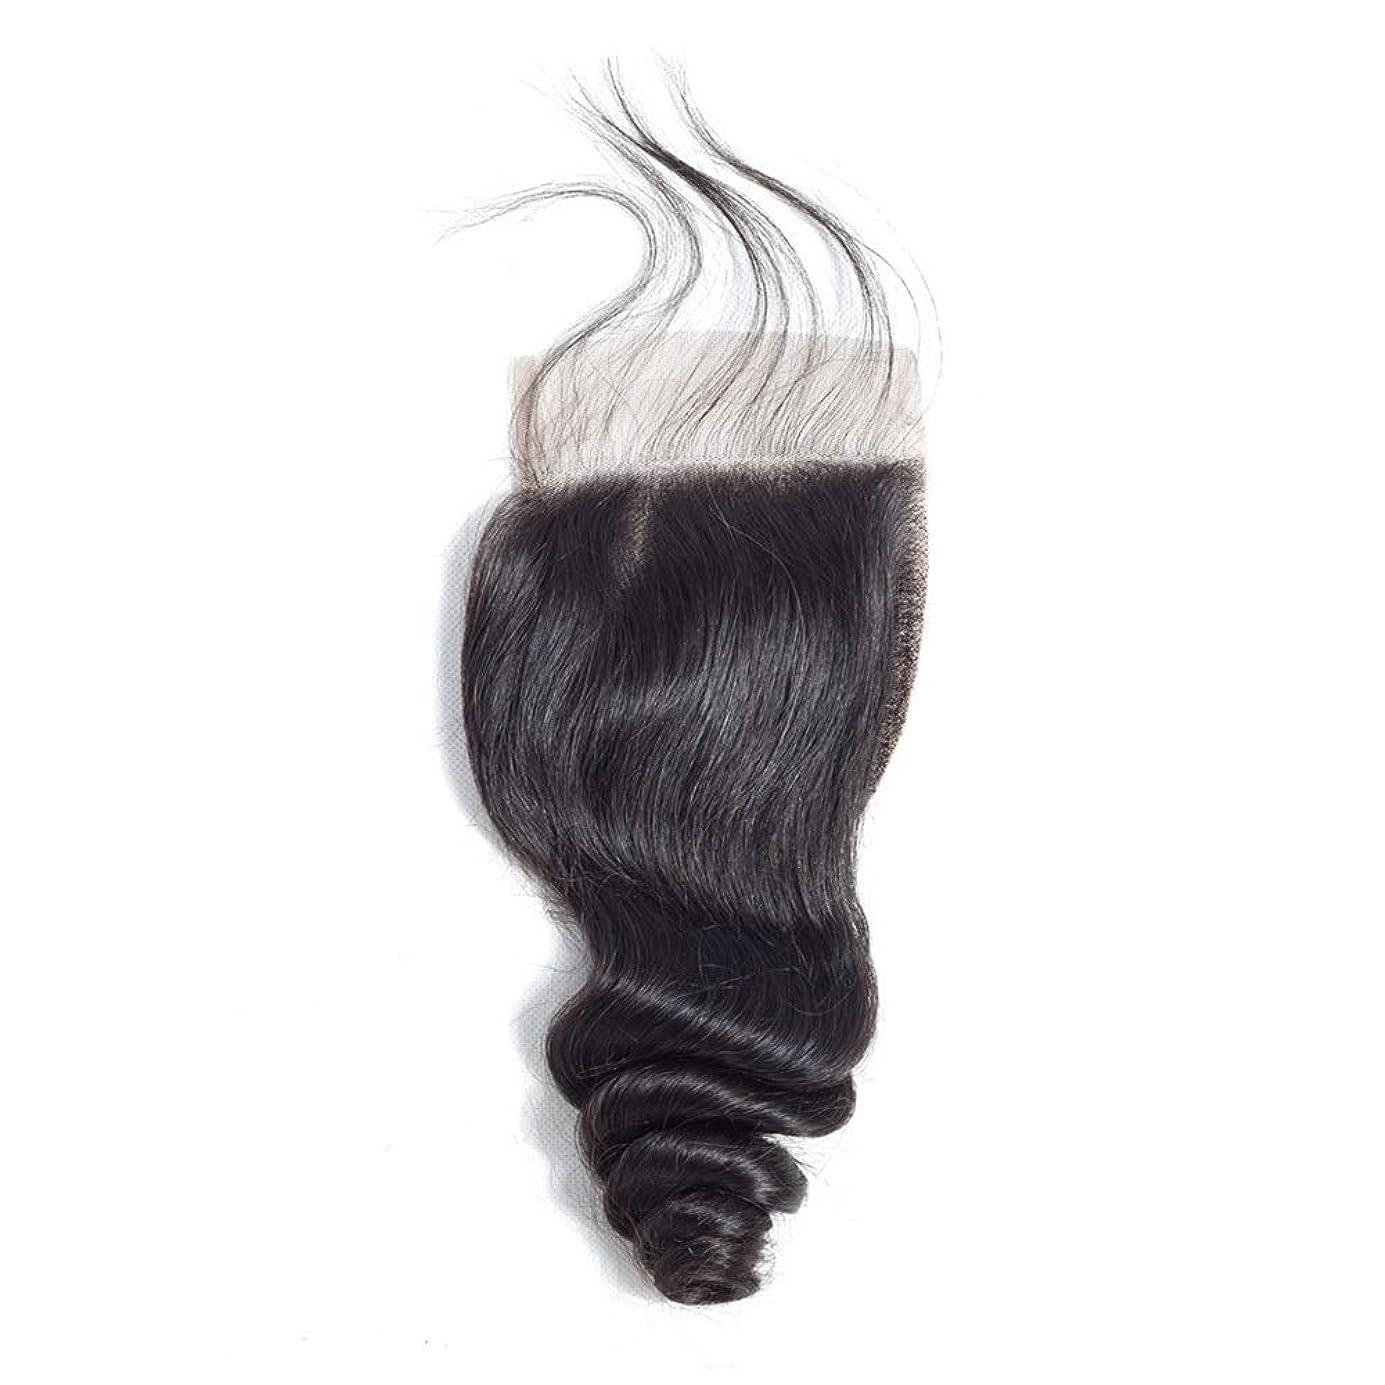 マイクロフォン購入権威BOBIDYEE レースの閉鎖ブラジルの緩い波の髪4×4インチの自由な部分の閉鎖リアル人間の髪の毛の自然な色の長い巻き毛のかつら (色 : 黒, サイズ : 20 inch)